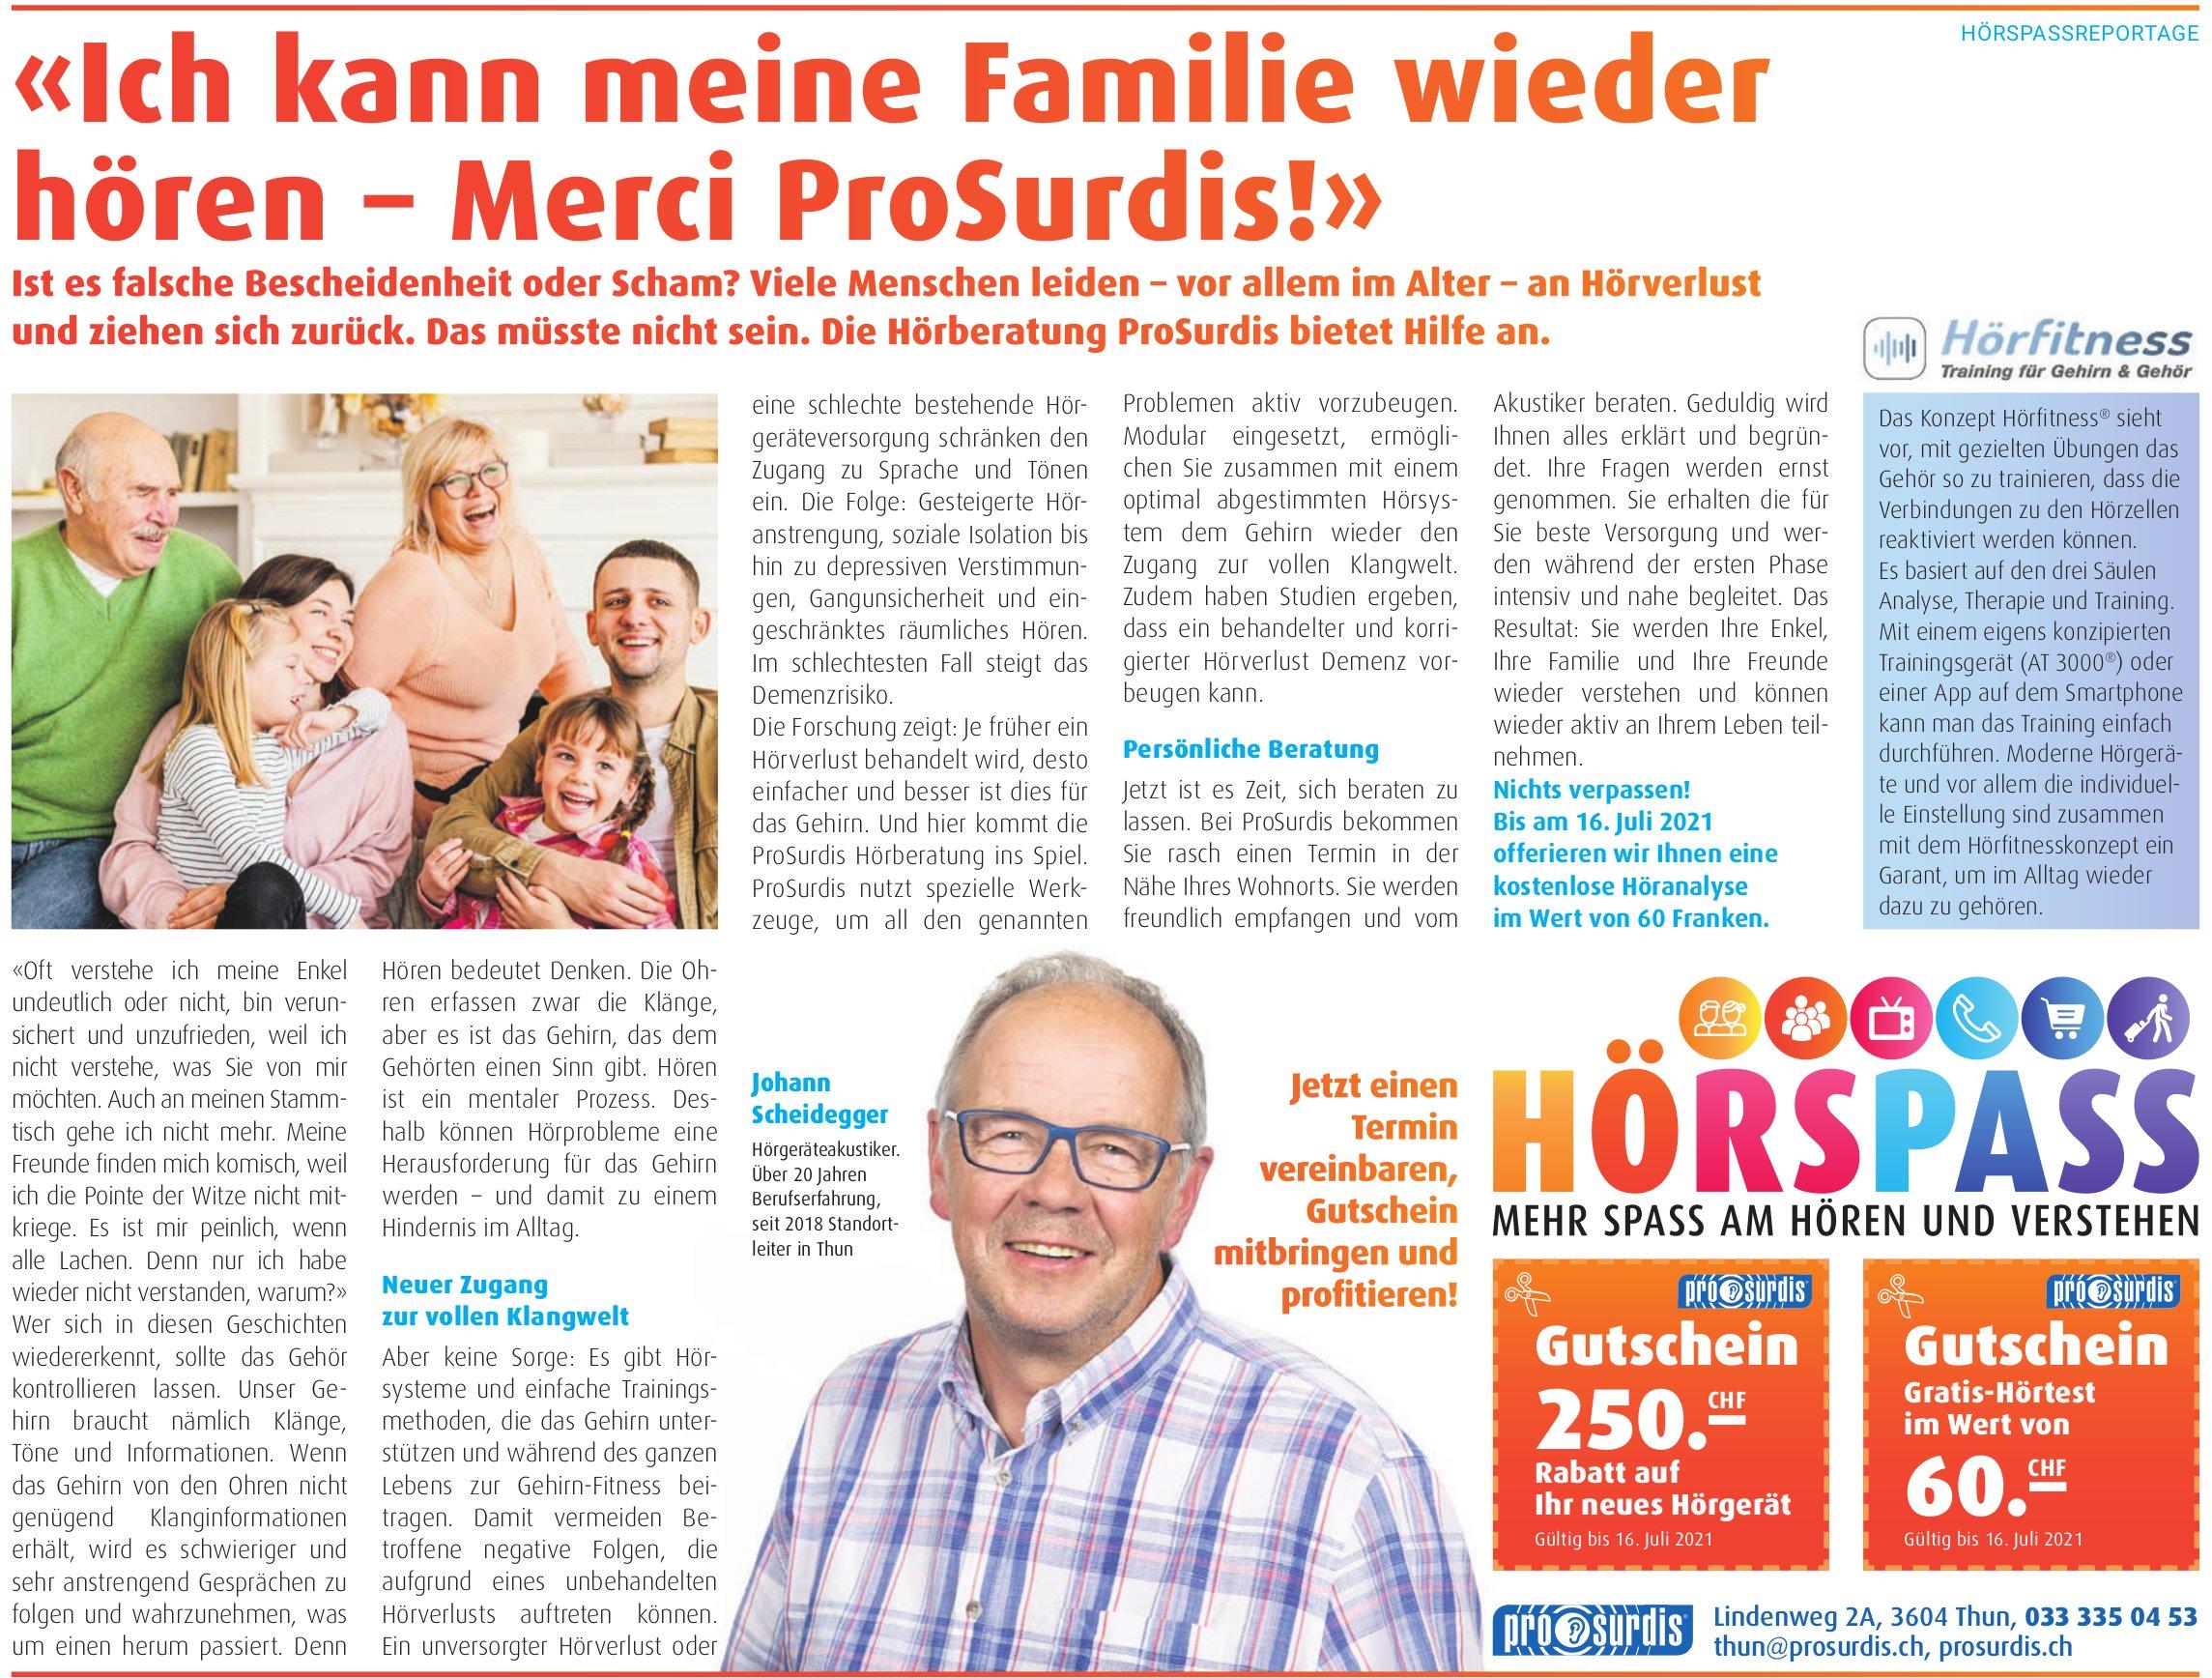 Prosurdis, Thun - «Ich kann meine Familie wieder hören - Merci ProSurdis!»